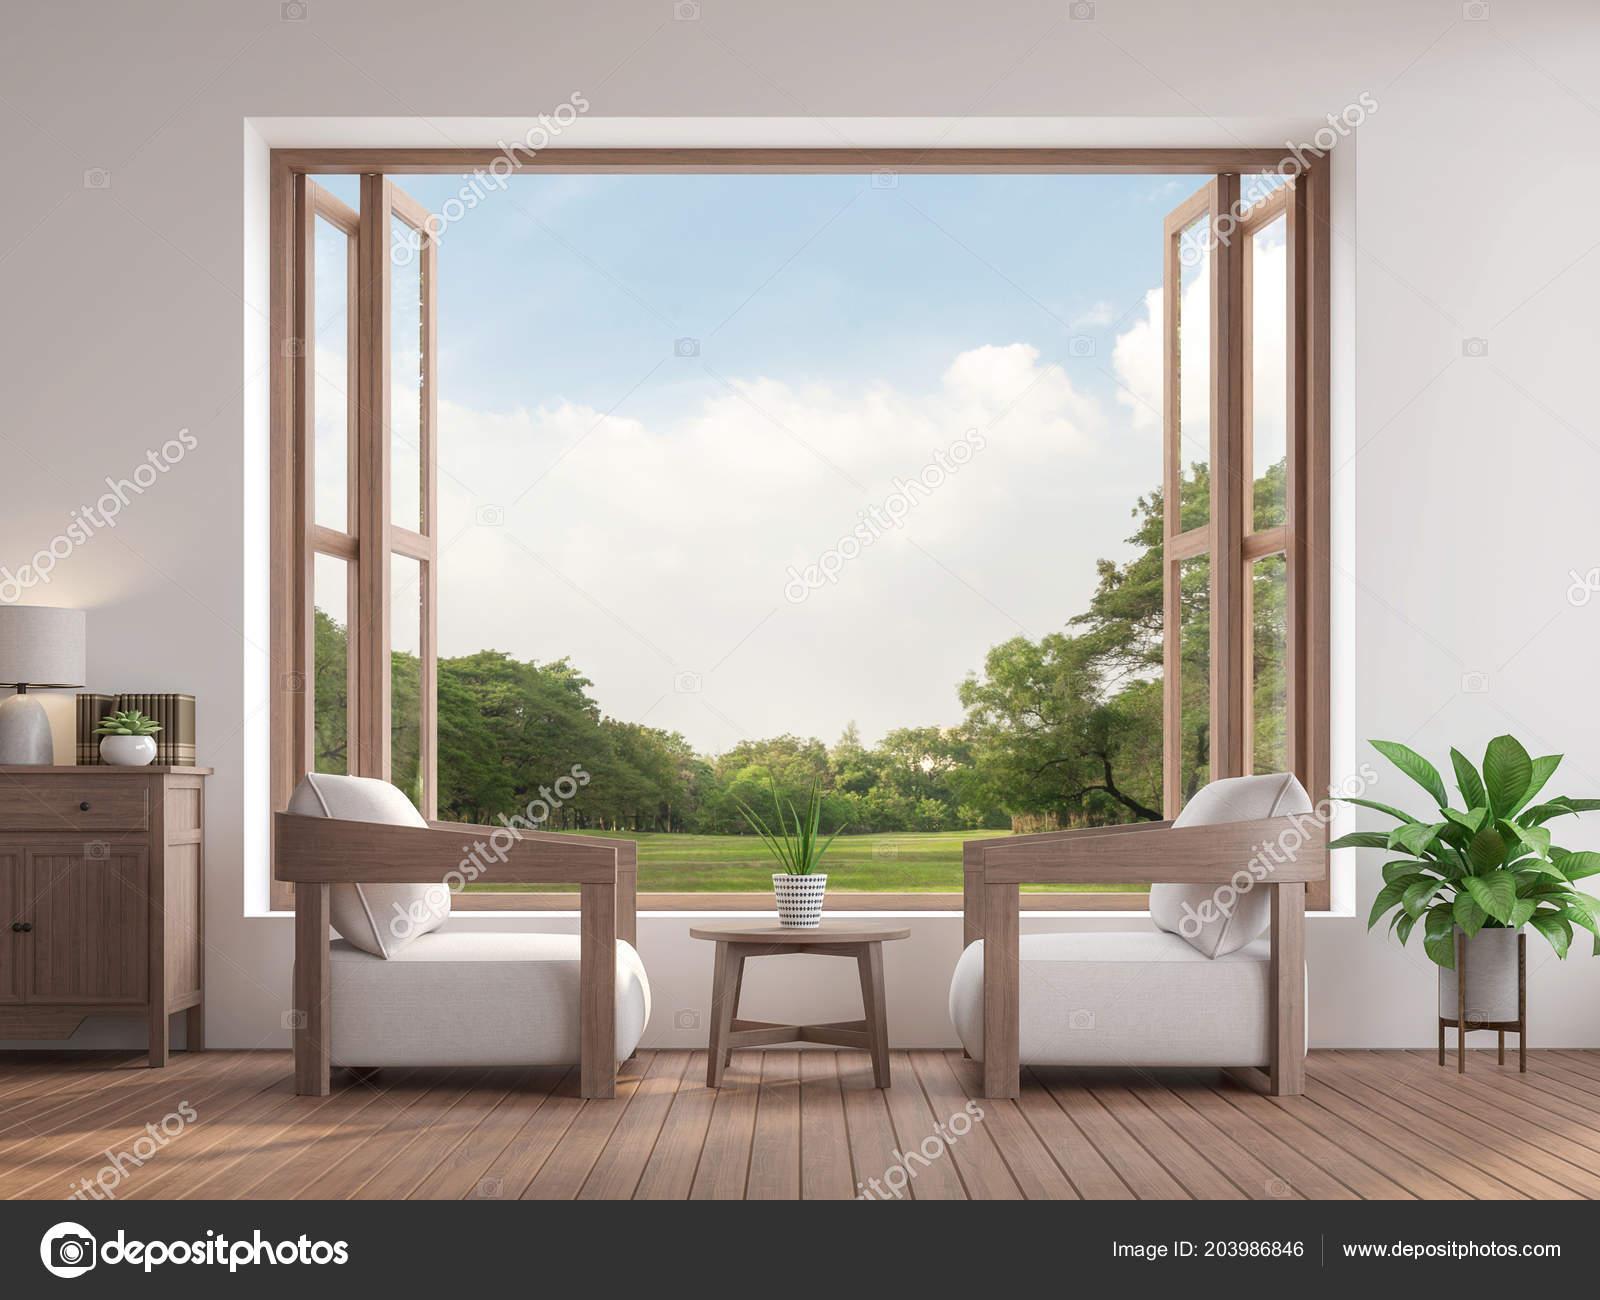 Salotto Moderno Legno : Salotto moderno contemporaneo render sono pavimento legno arredata